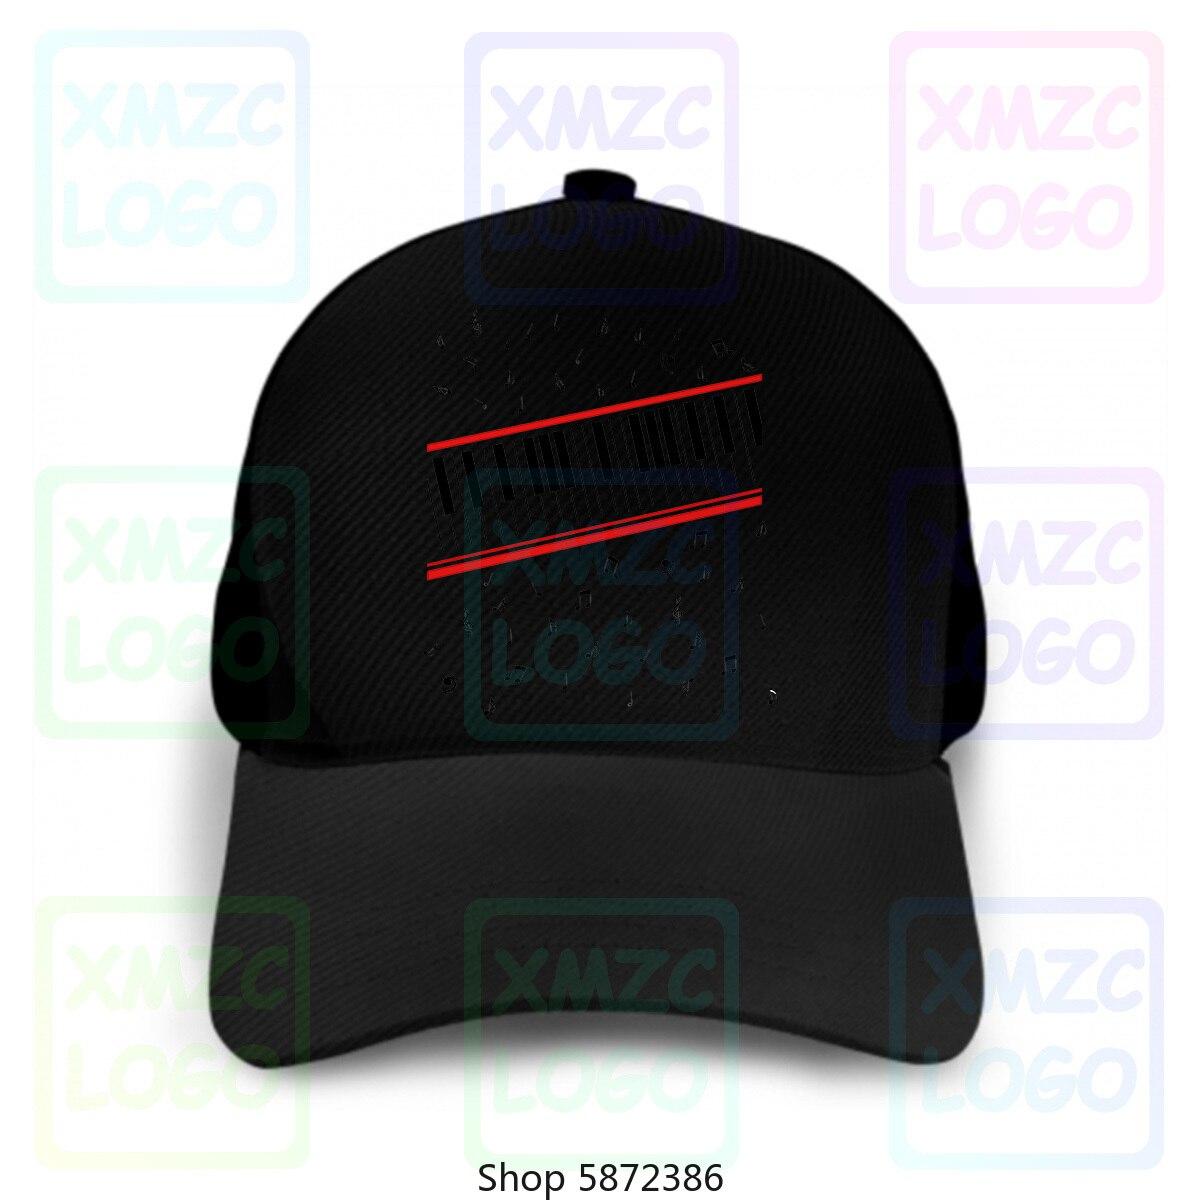 Michael Jackson Beat bt Video klavye beyzbol şapkası Retro 80S Pop müzik gerilim V100 beyzbol şapkası şapkalar kadın erkek